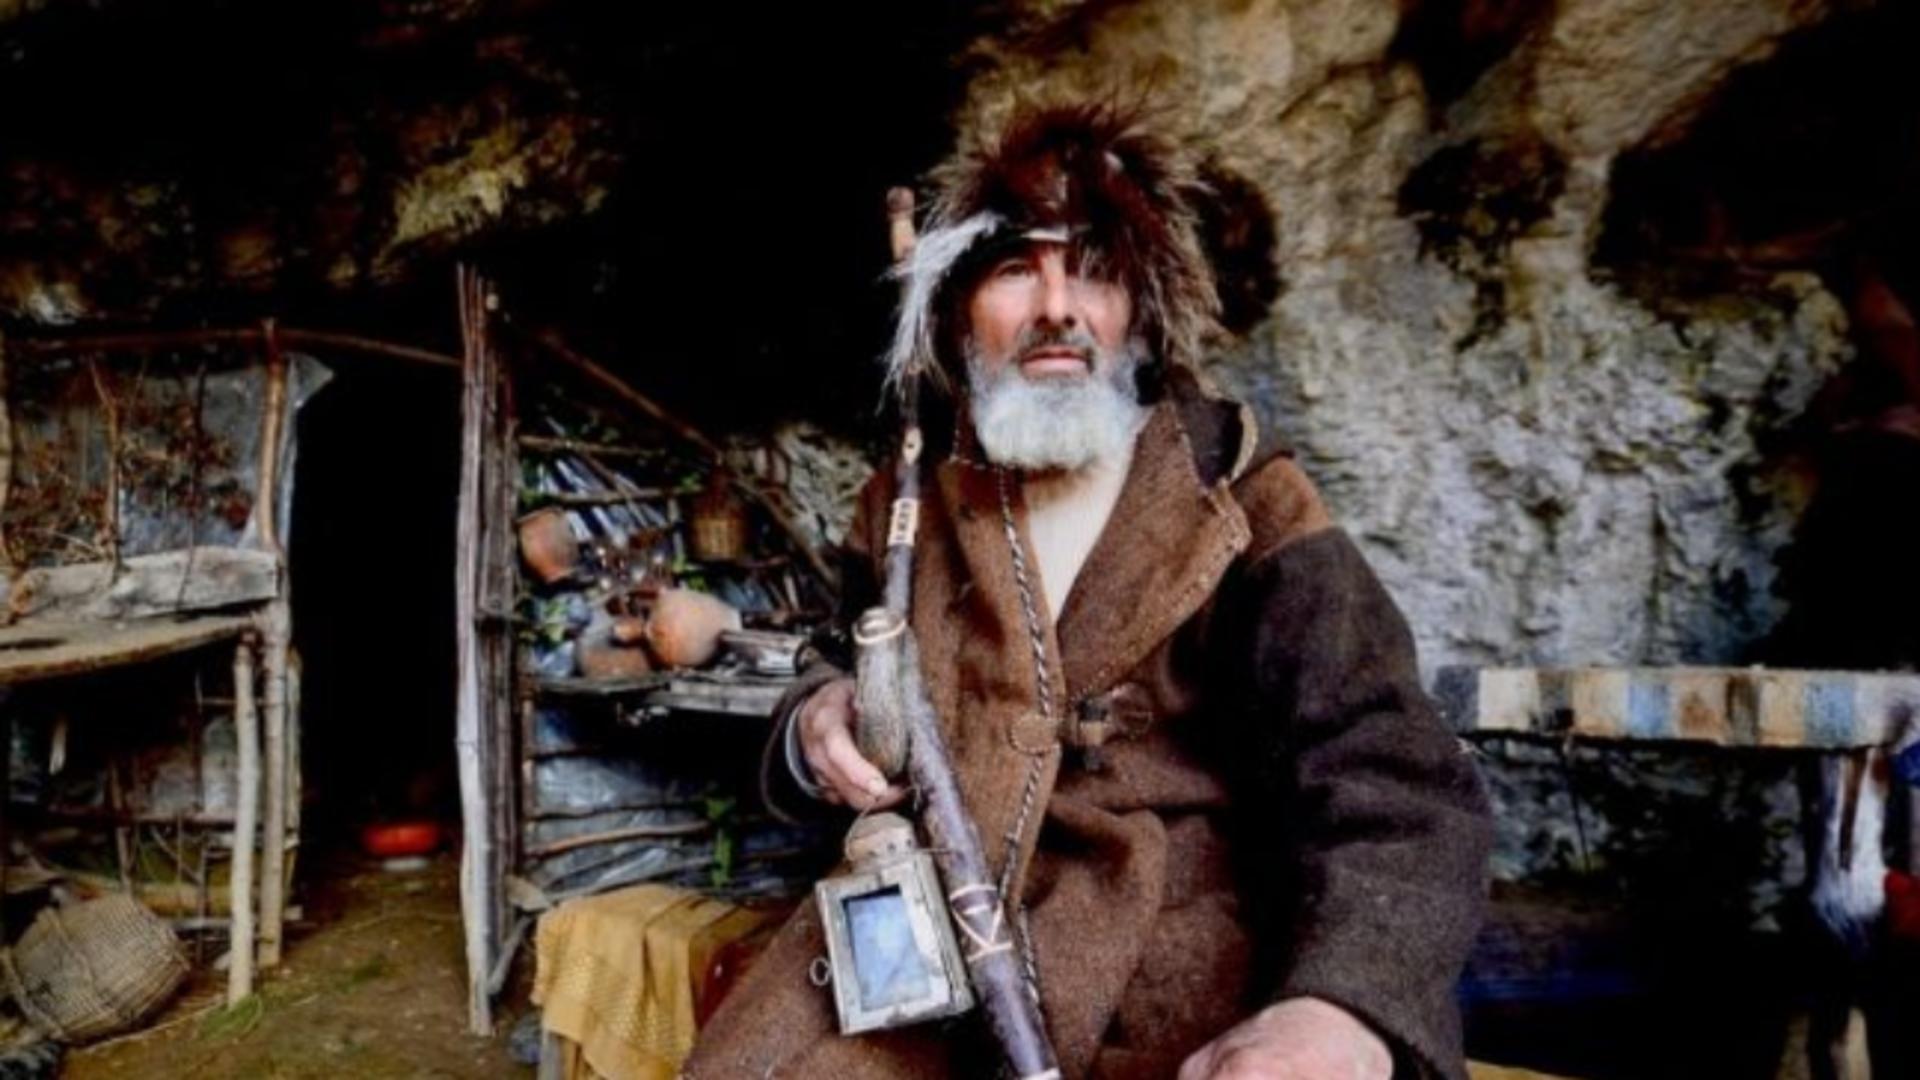 Sârbul Panta Petrovic, retras de 20 de ani în peșteră, s-a vaccinat anti-COVID-19 Foto: Captură video